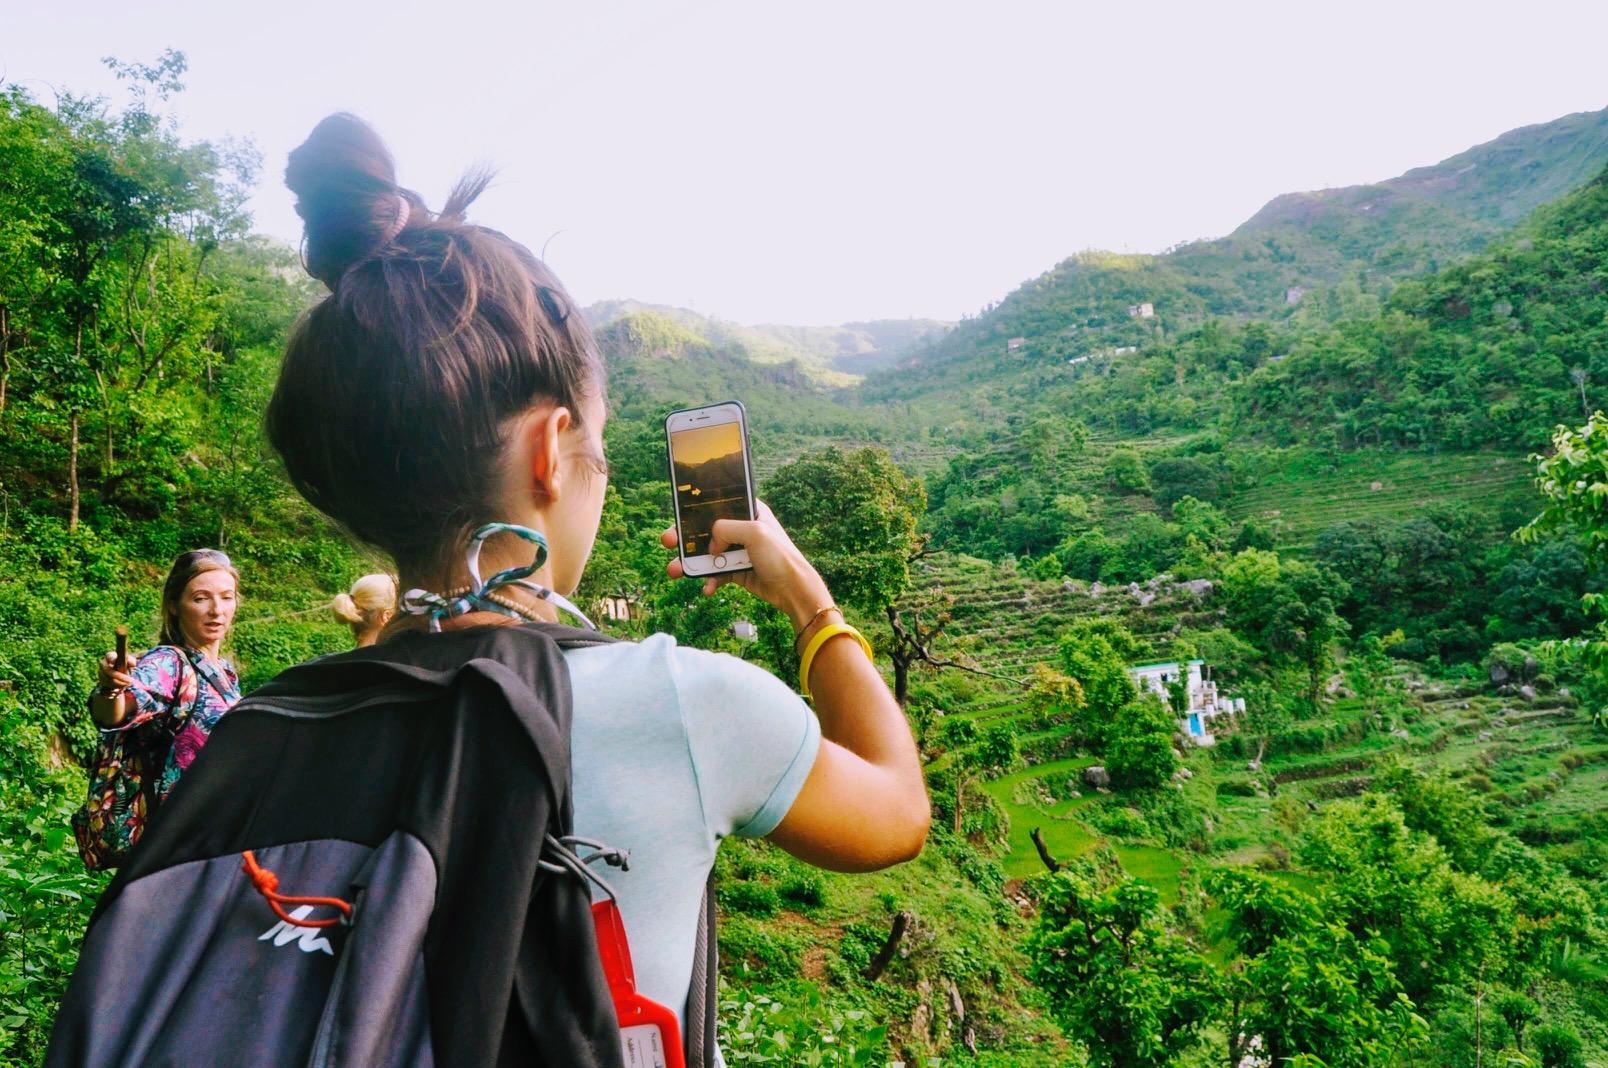 Gap Year Program - Social Travel: Volunteer in Rishikesh, India  3